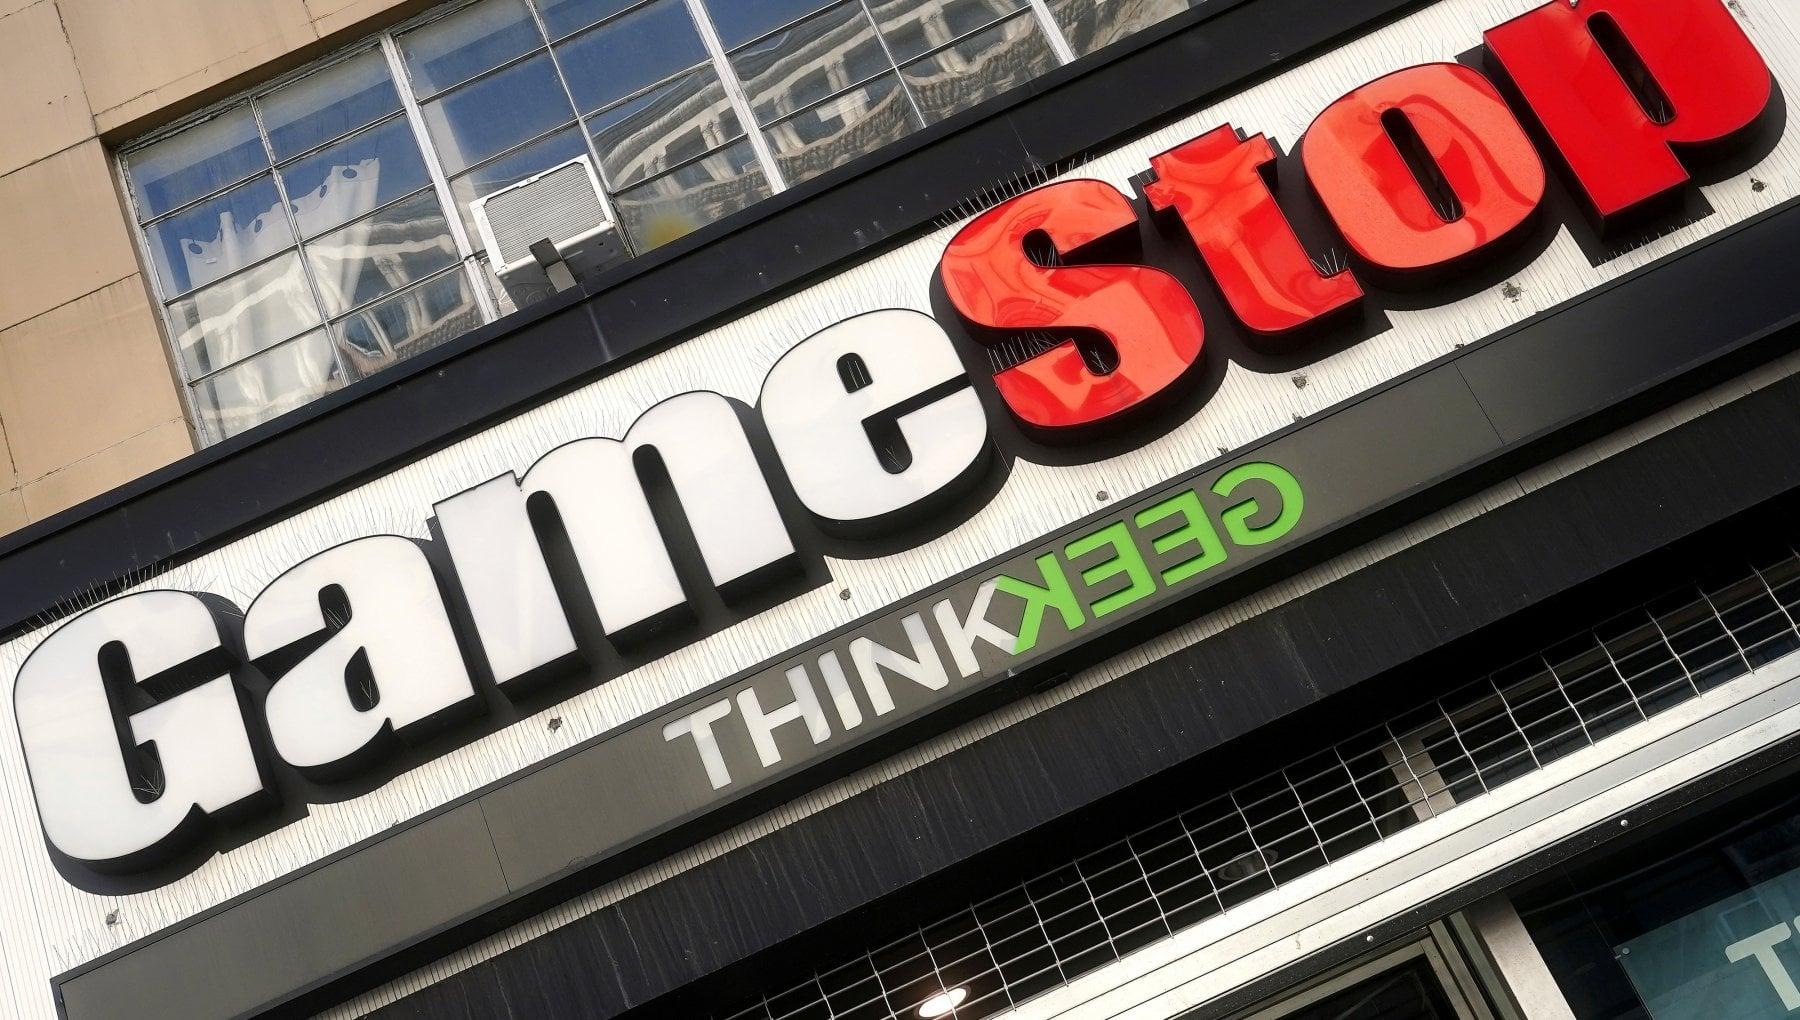 173056085 7c99e4d1 7097 46bf b2ad ca1b151b6dbd - La resa dei conti di GameStop era nell'aria da tempo